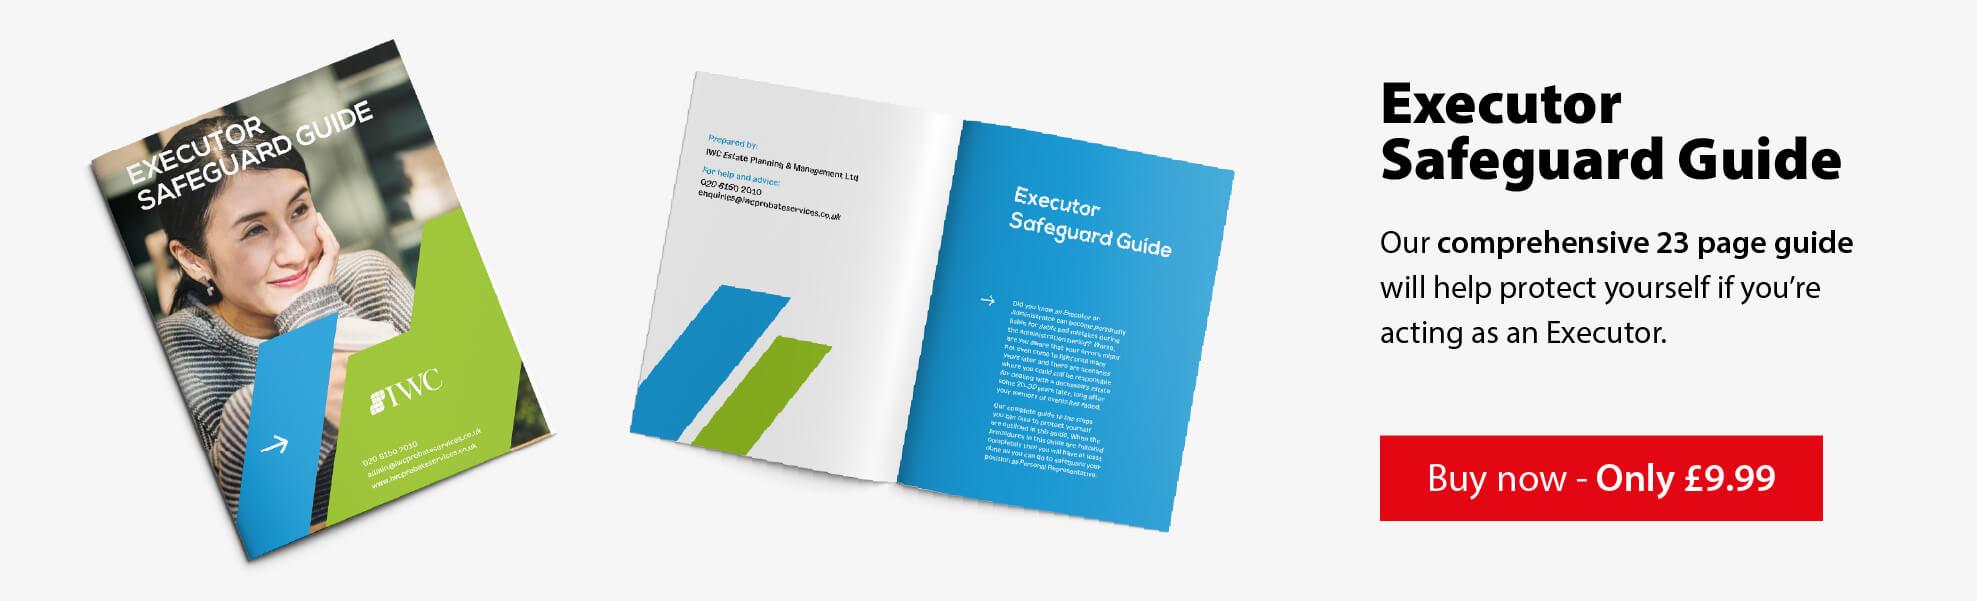 Executor Safeguard Guide